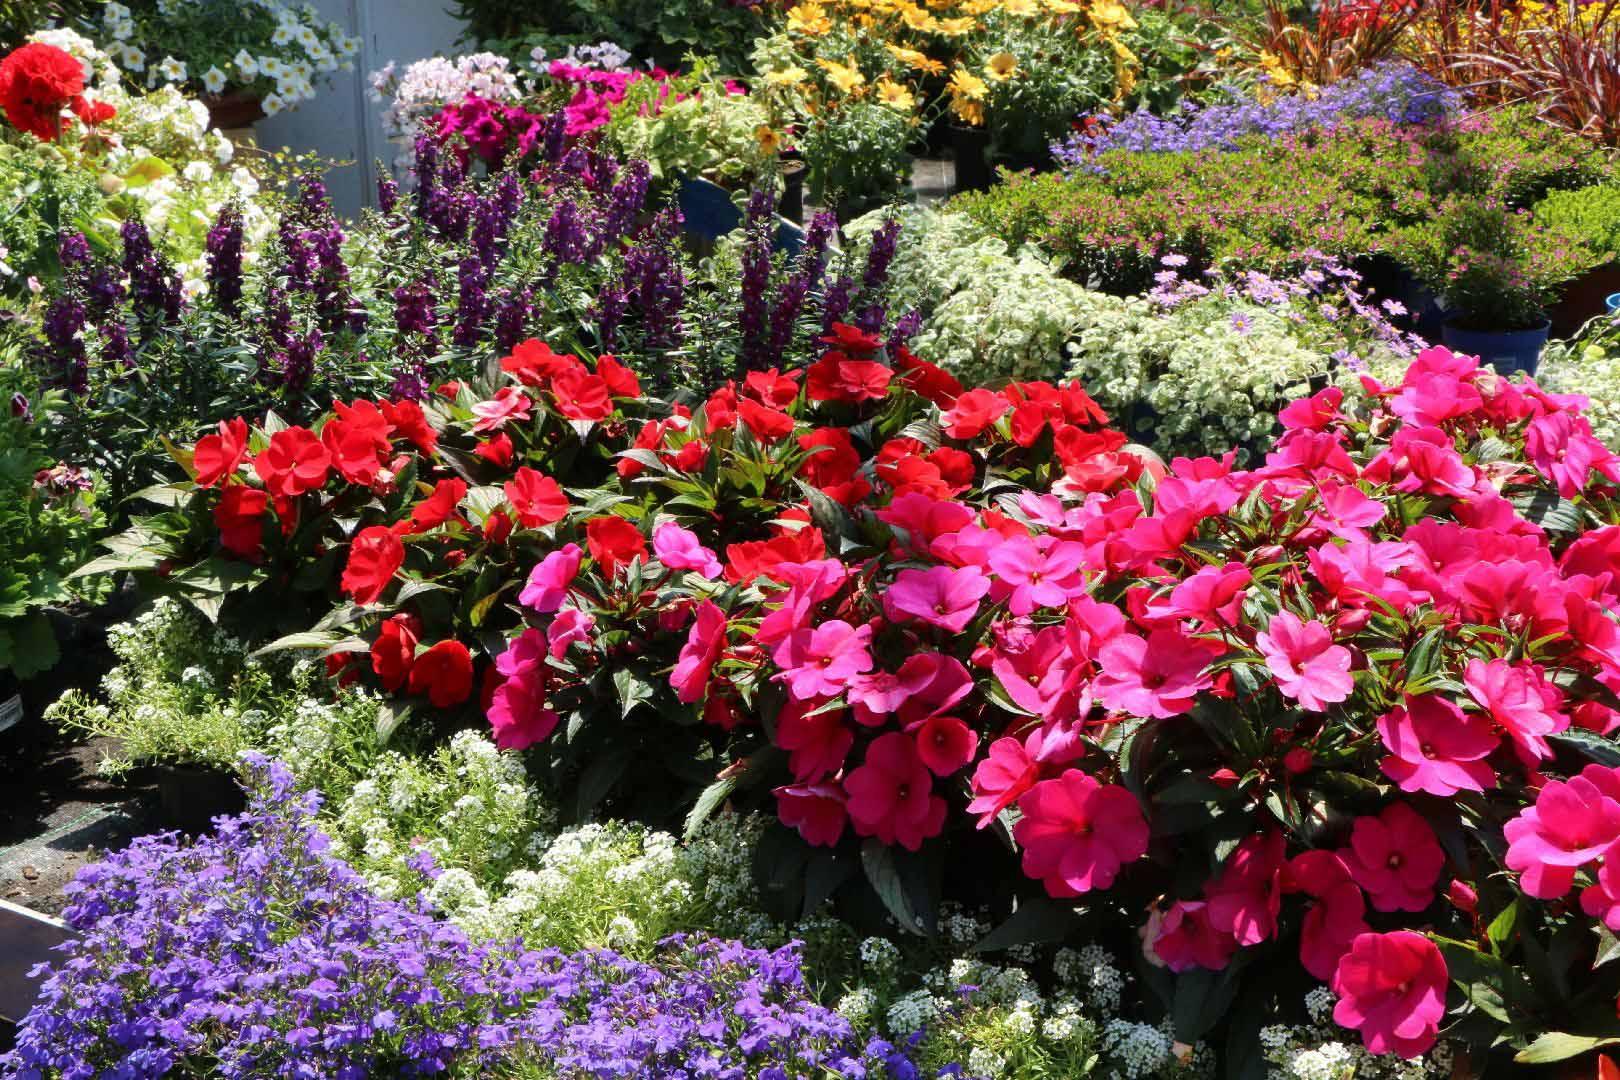 Horticulture - Pépinière Bienvenot | pépinière à Wisches